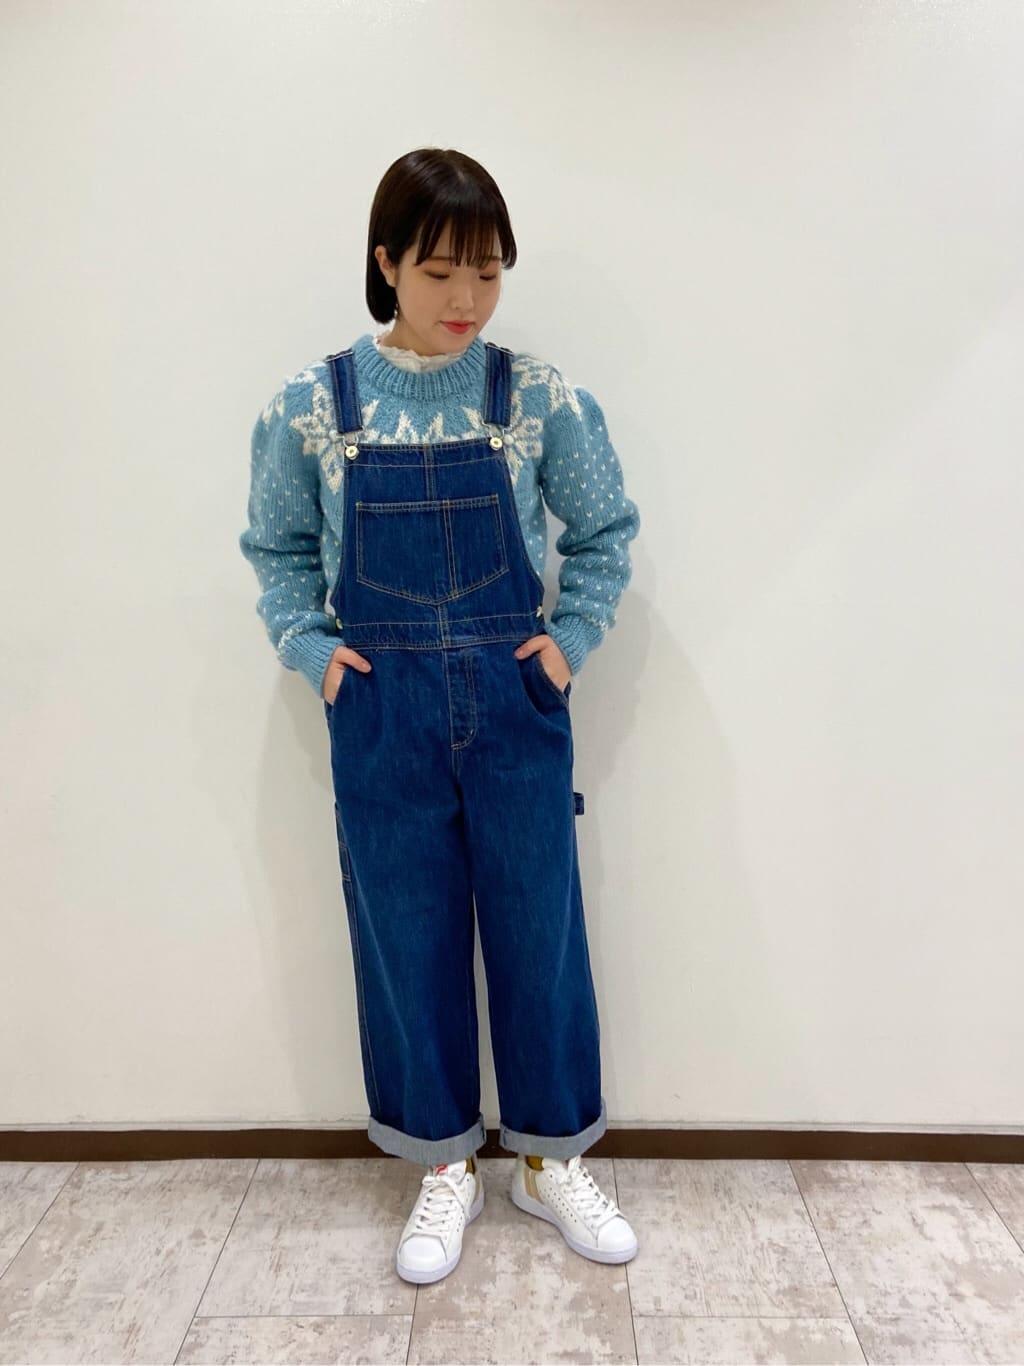 CHILD WOMAN , PAR ICI 新宿ミロード 2021.10.19